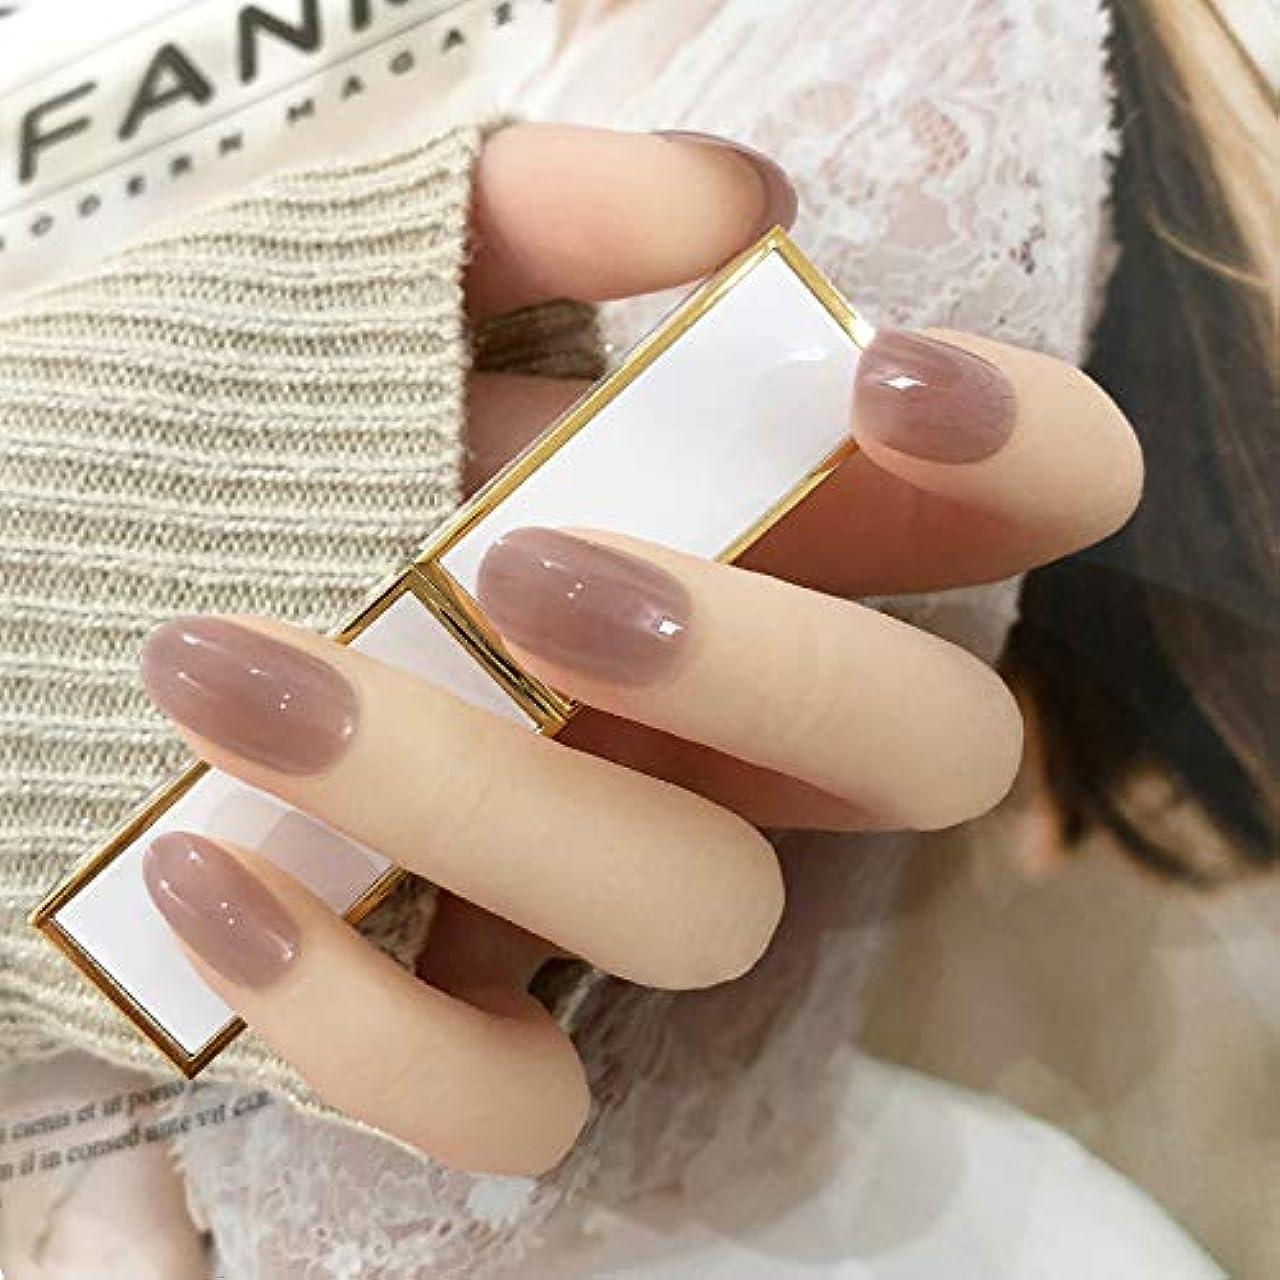 デマンド不従順迫害する24枚純色付け爪 ネイル貼るだけネイルチップ お花嫁付け爪 (グレーピンク)